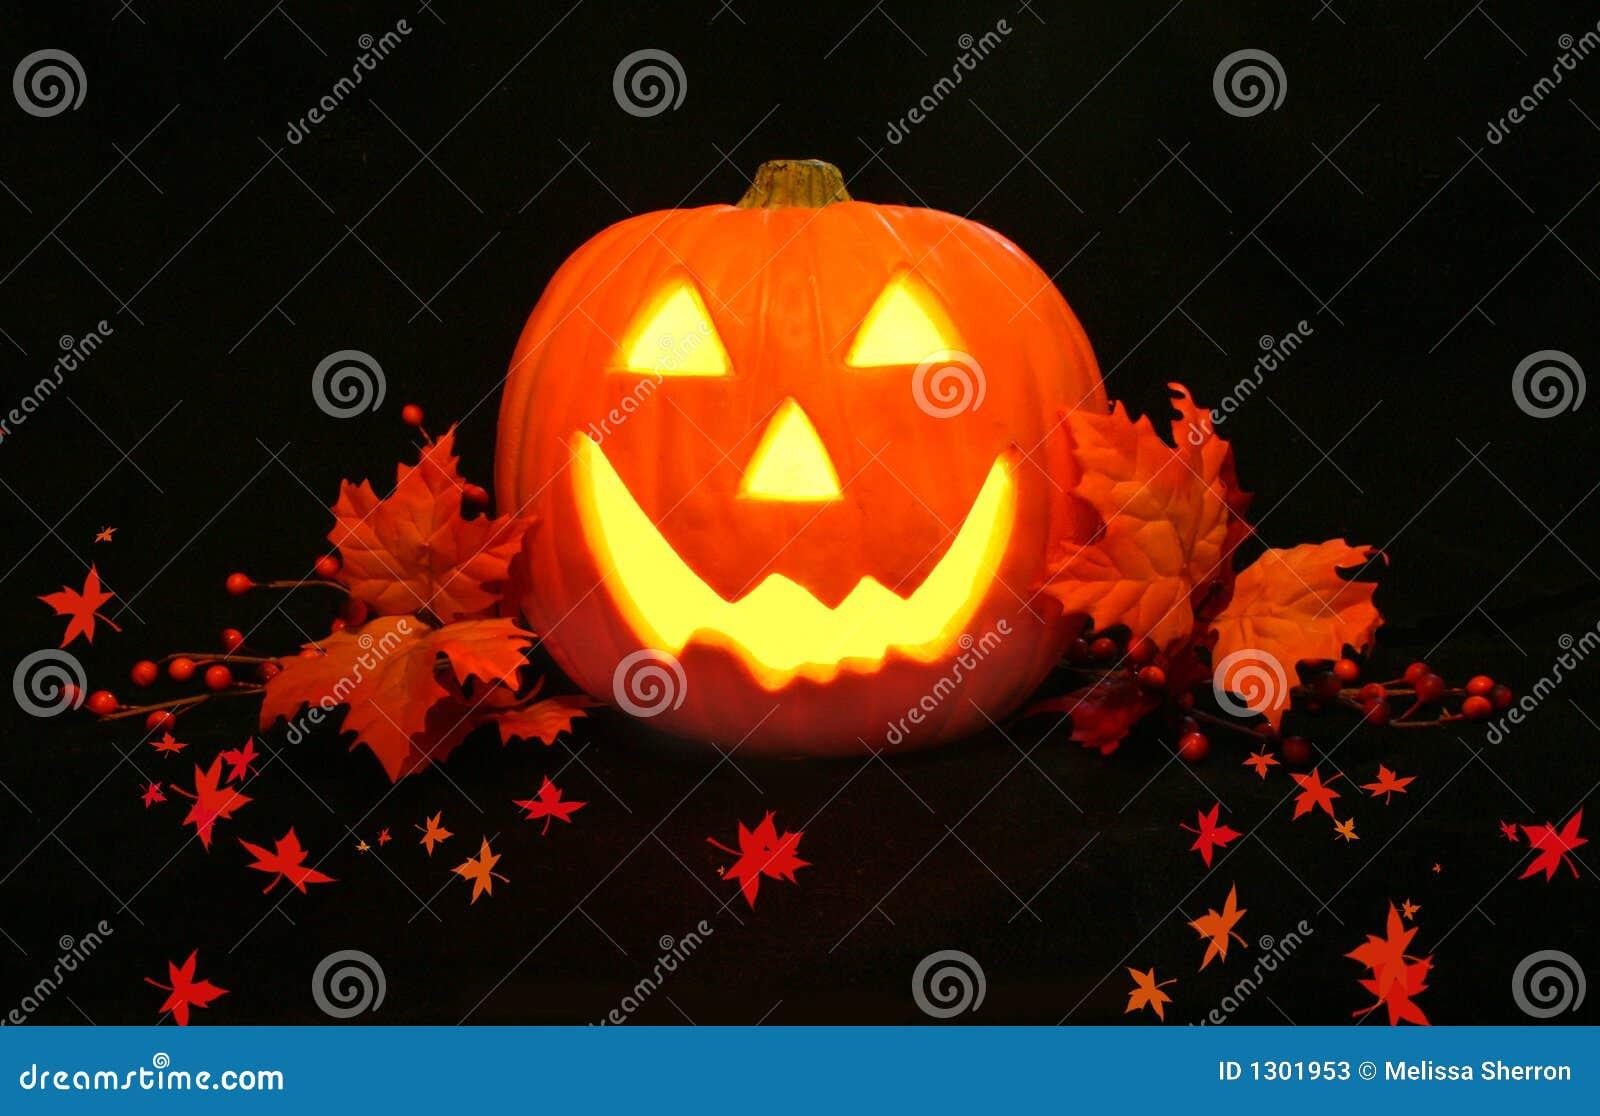 Aninimal Book: Happy Jack O' Lantern face stock image. Image of smiling ...